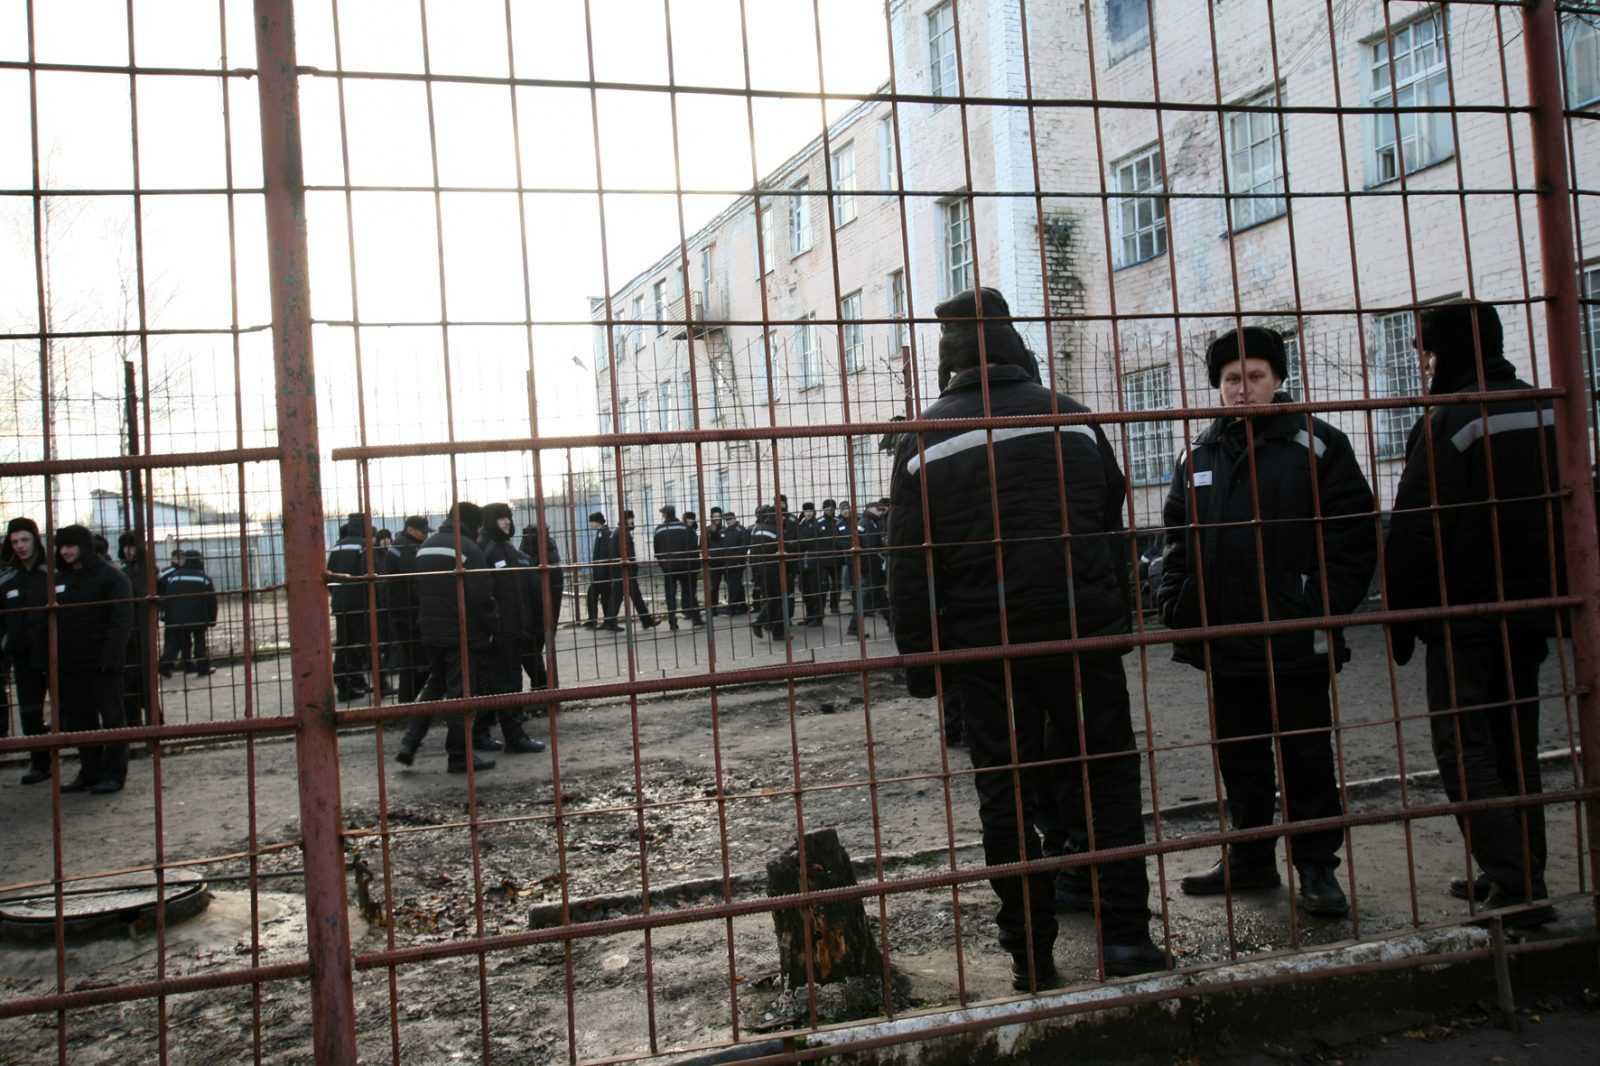 Студента за 1,5 кг наркотиков осудили в Тюсени